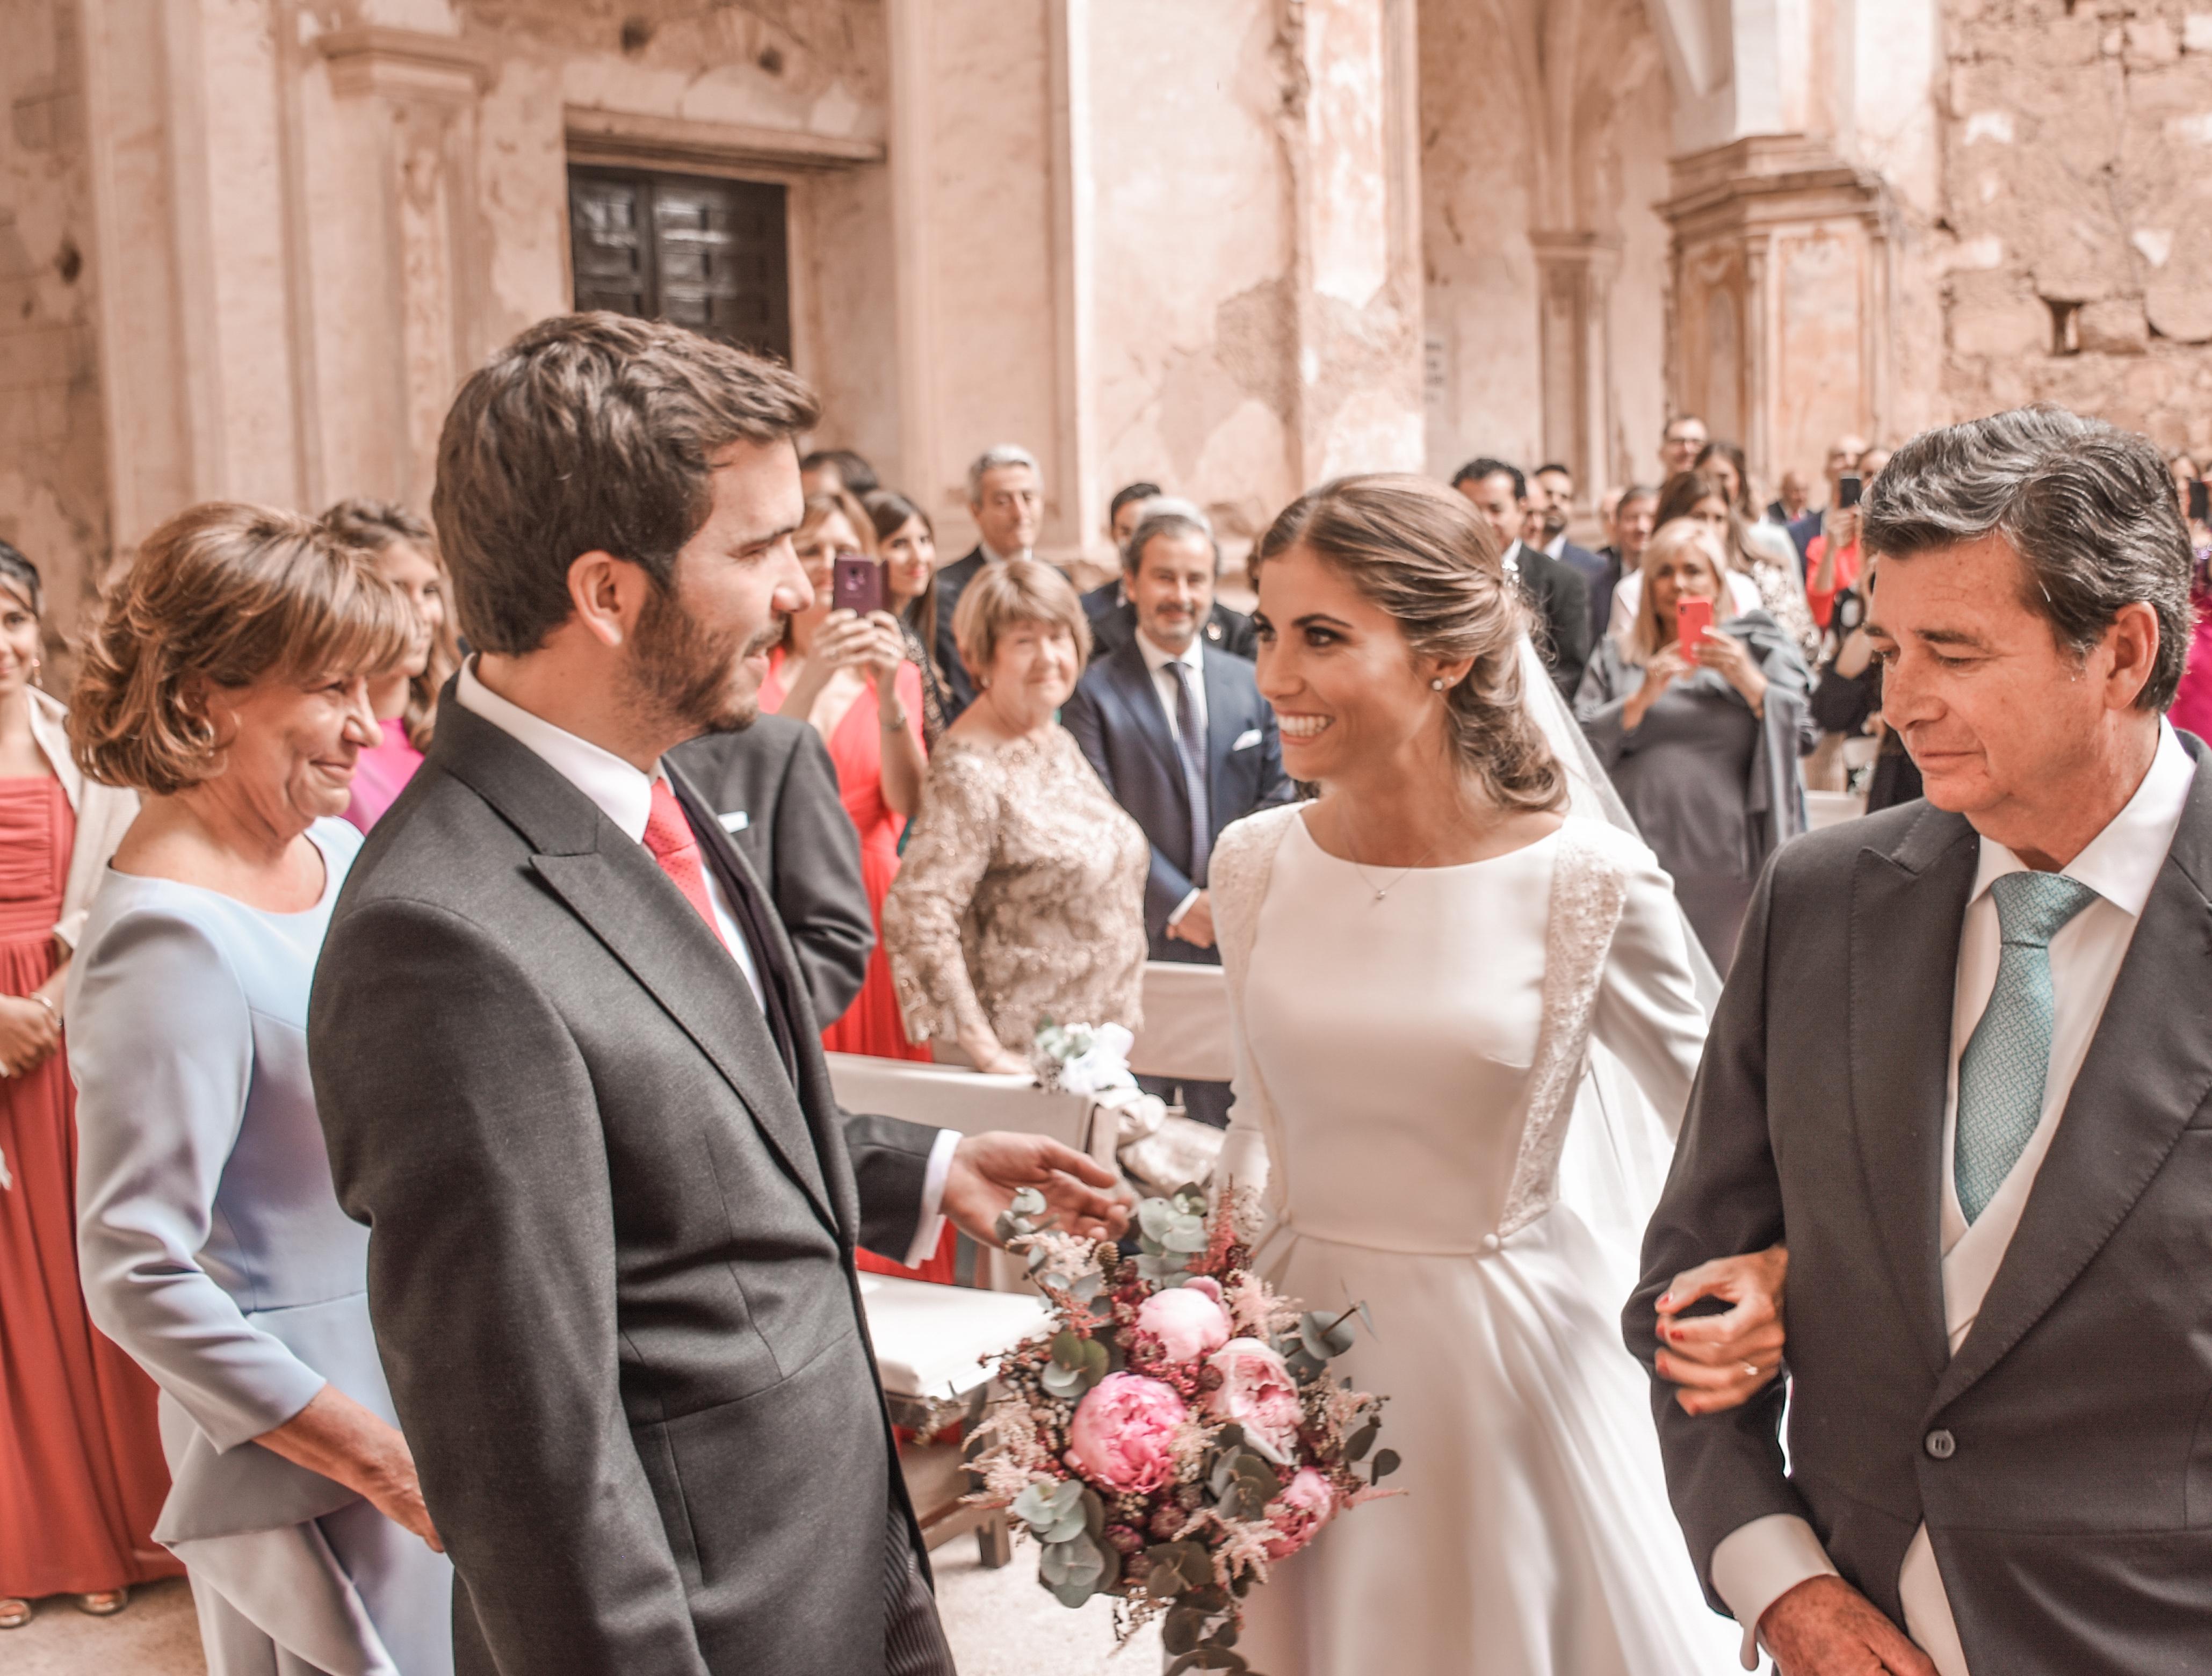 La boda de Ana y Alejandro en el Monasterio de Piedra